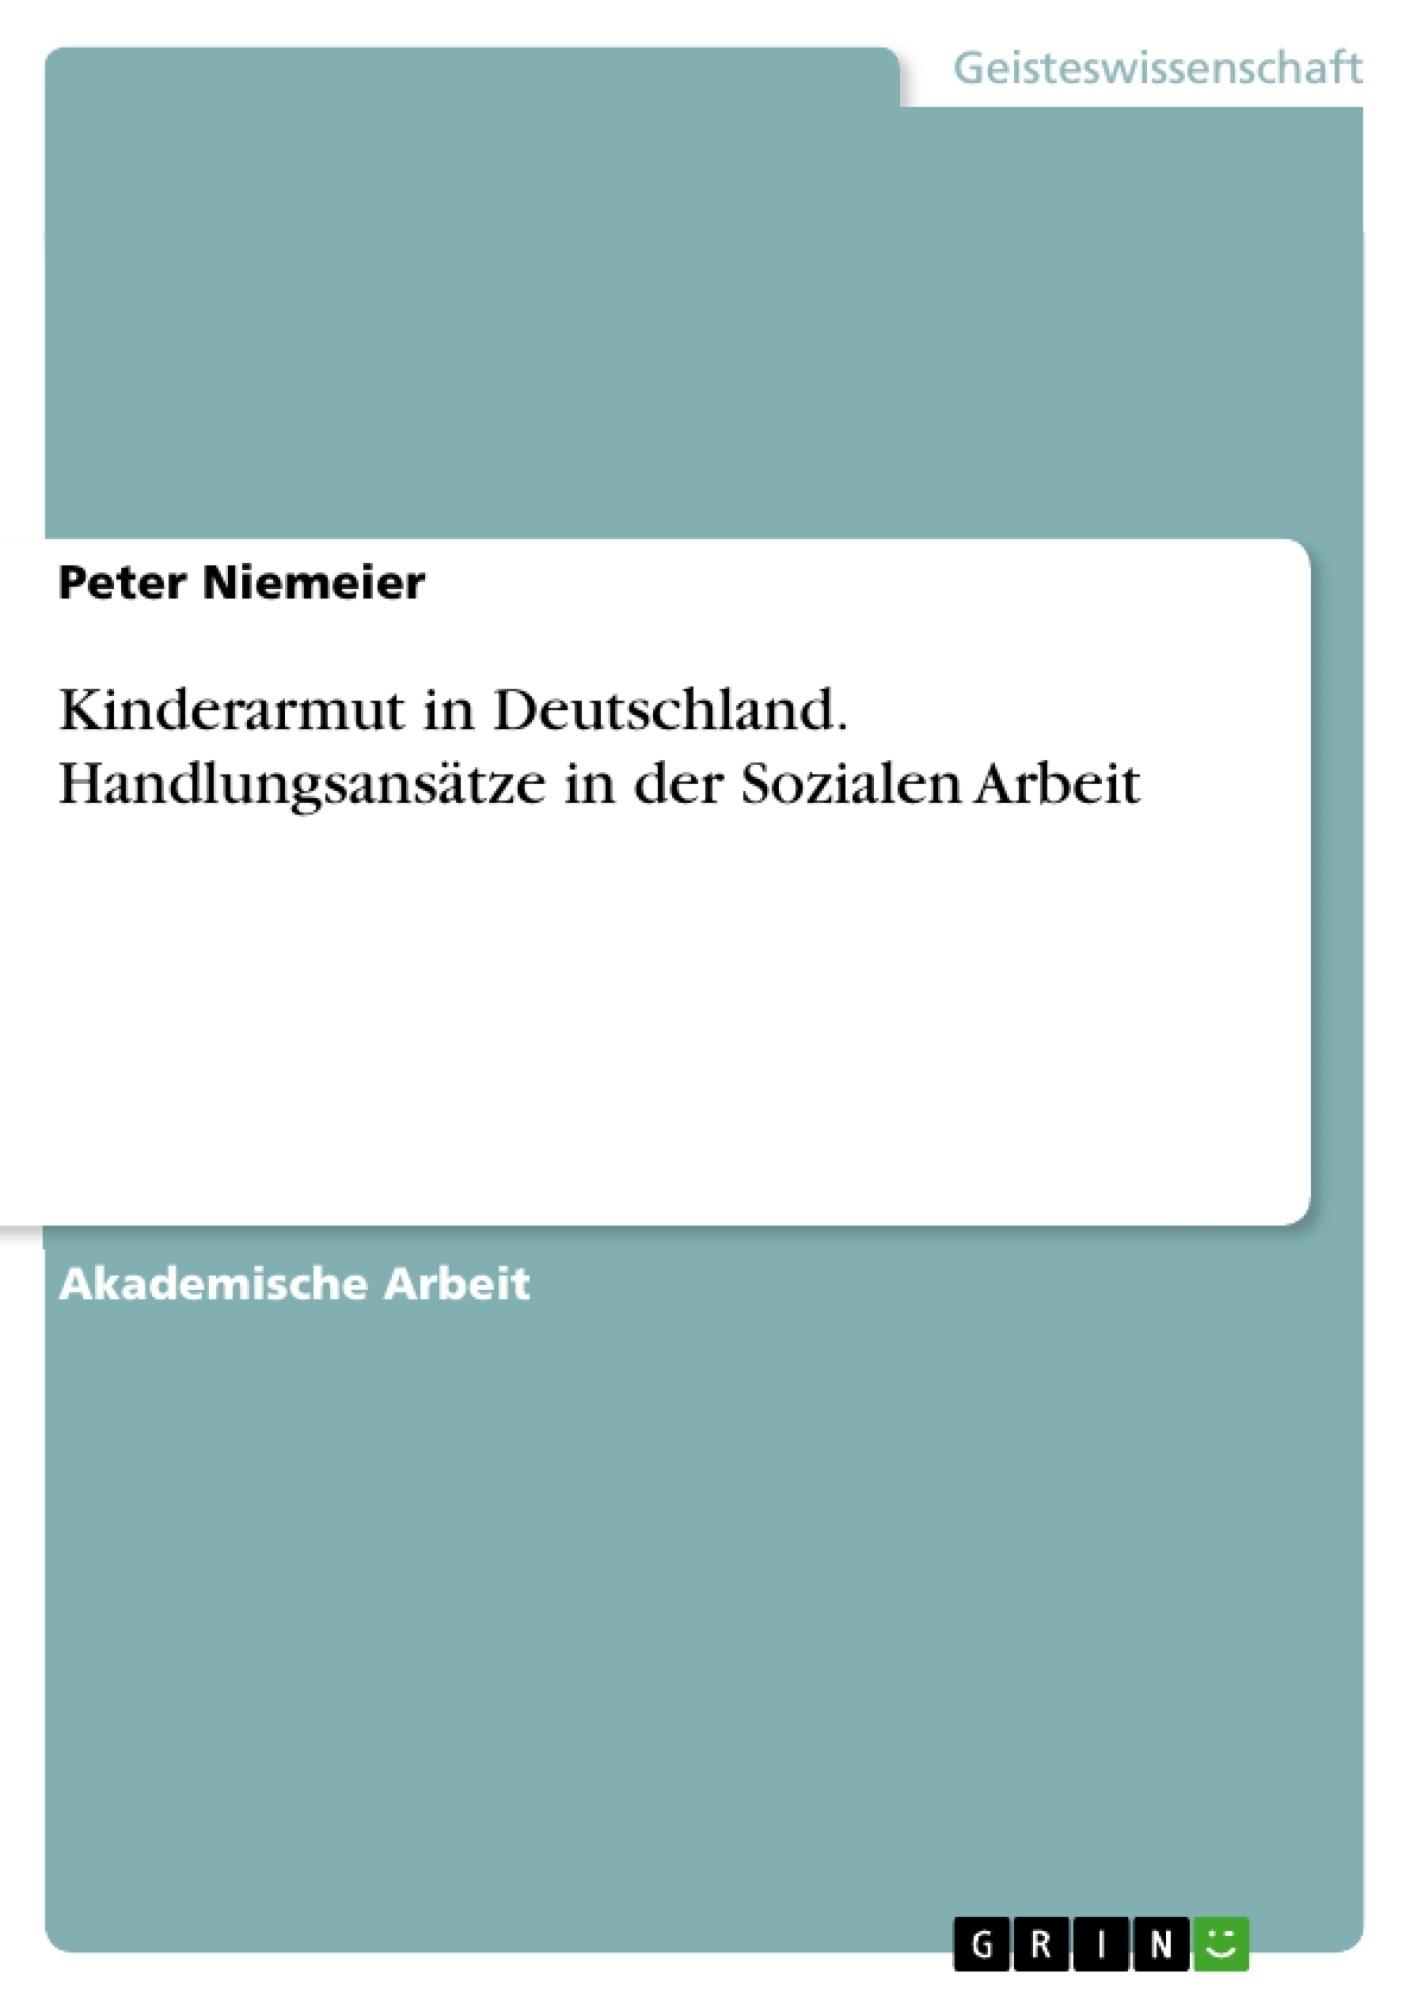 Titel: Kinderarmut in Deutschland. Handlungsansätze in der Sozialen Arbeit